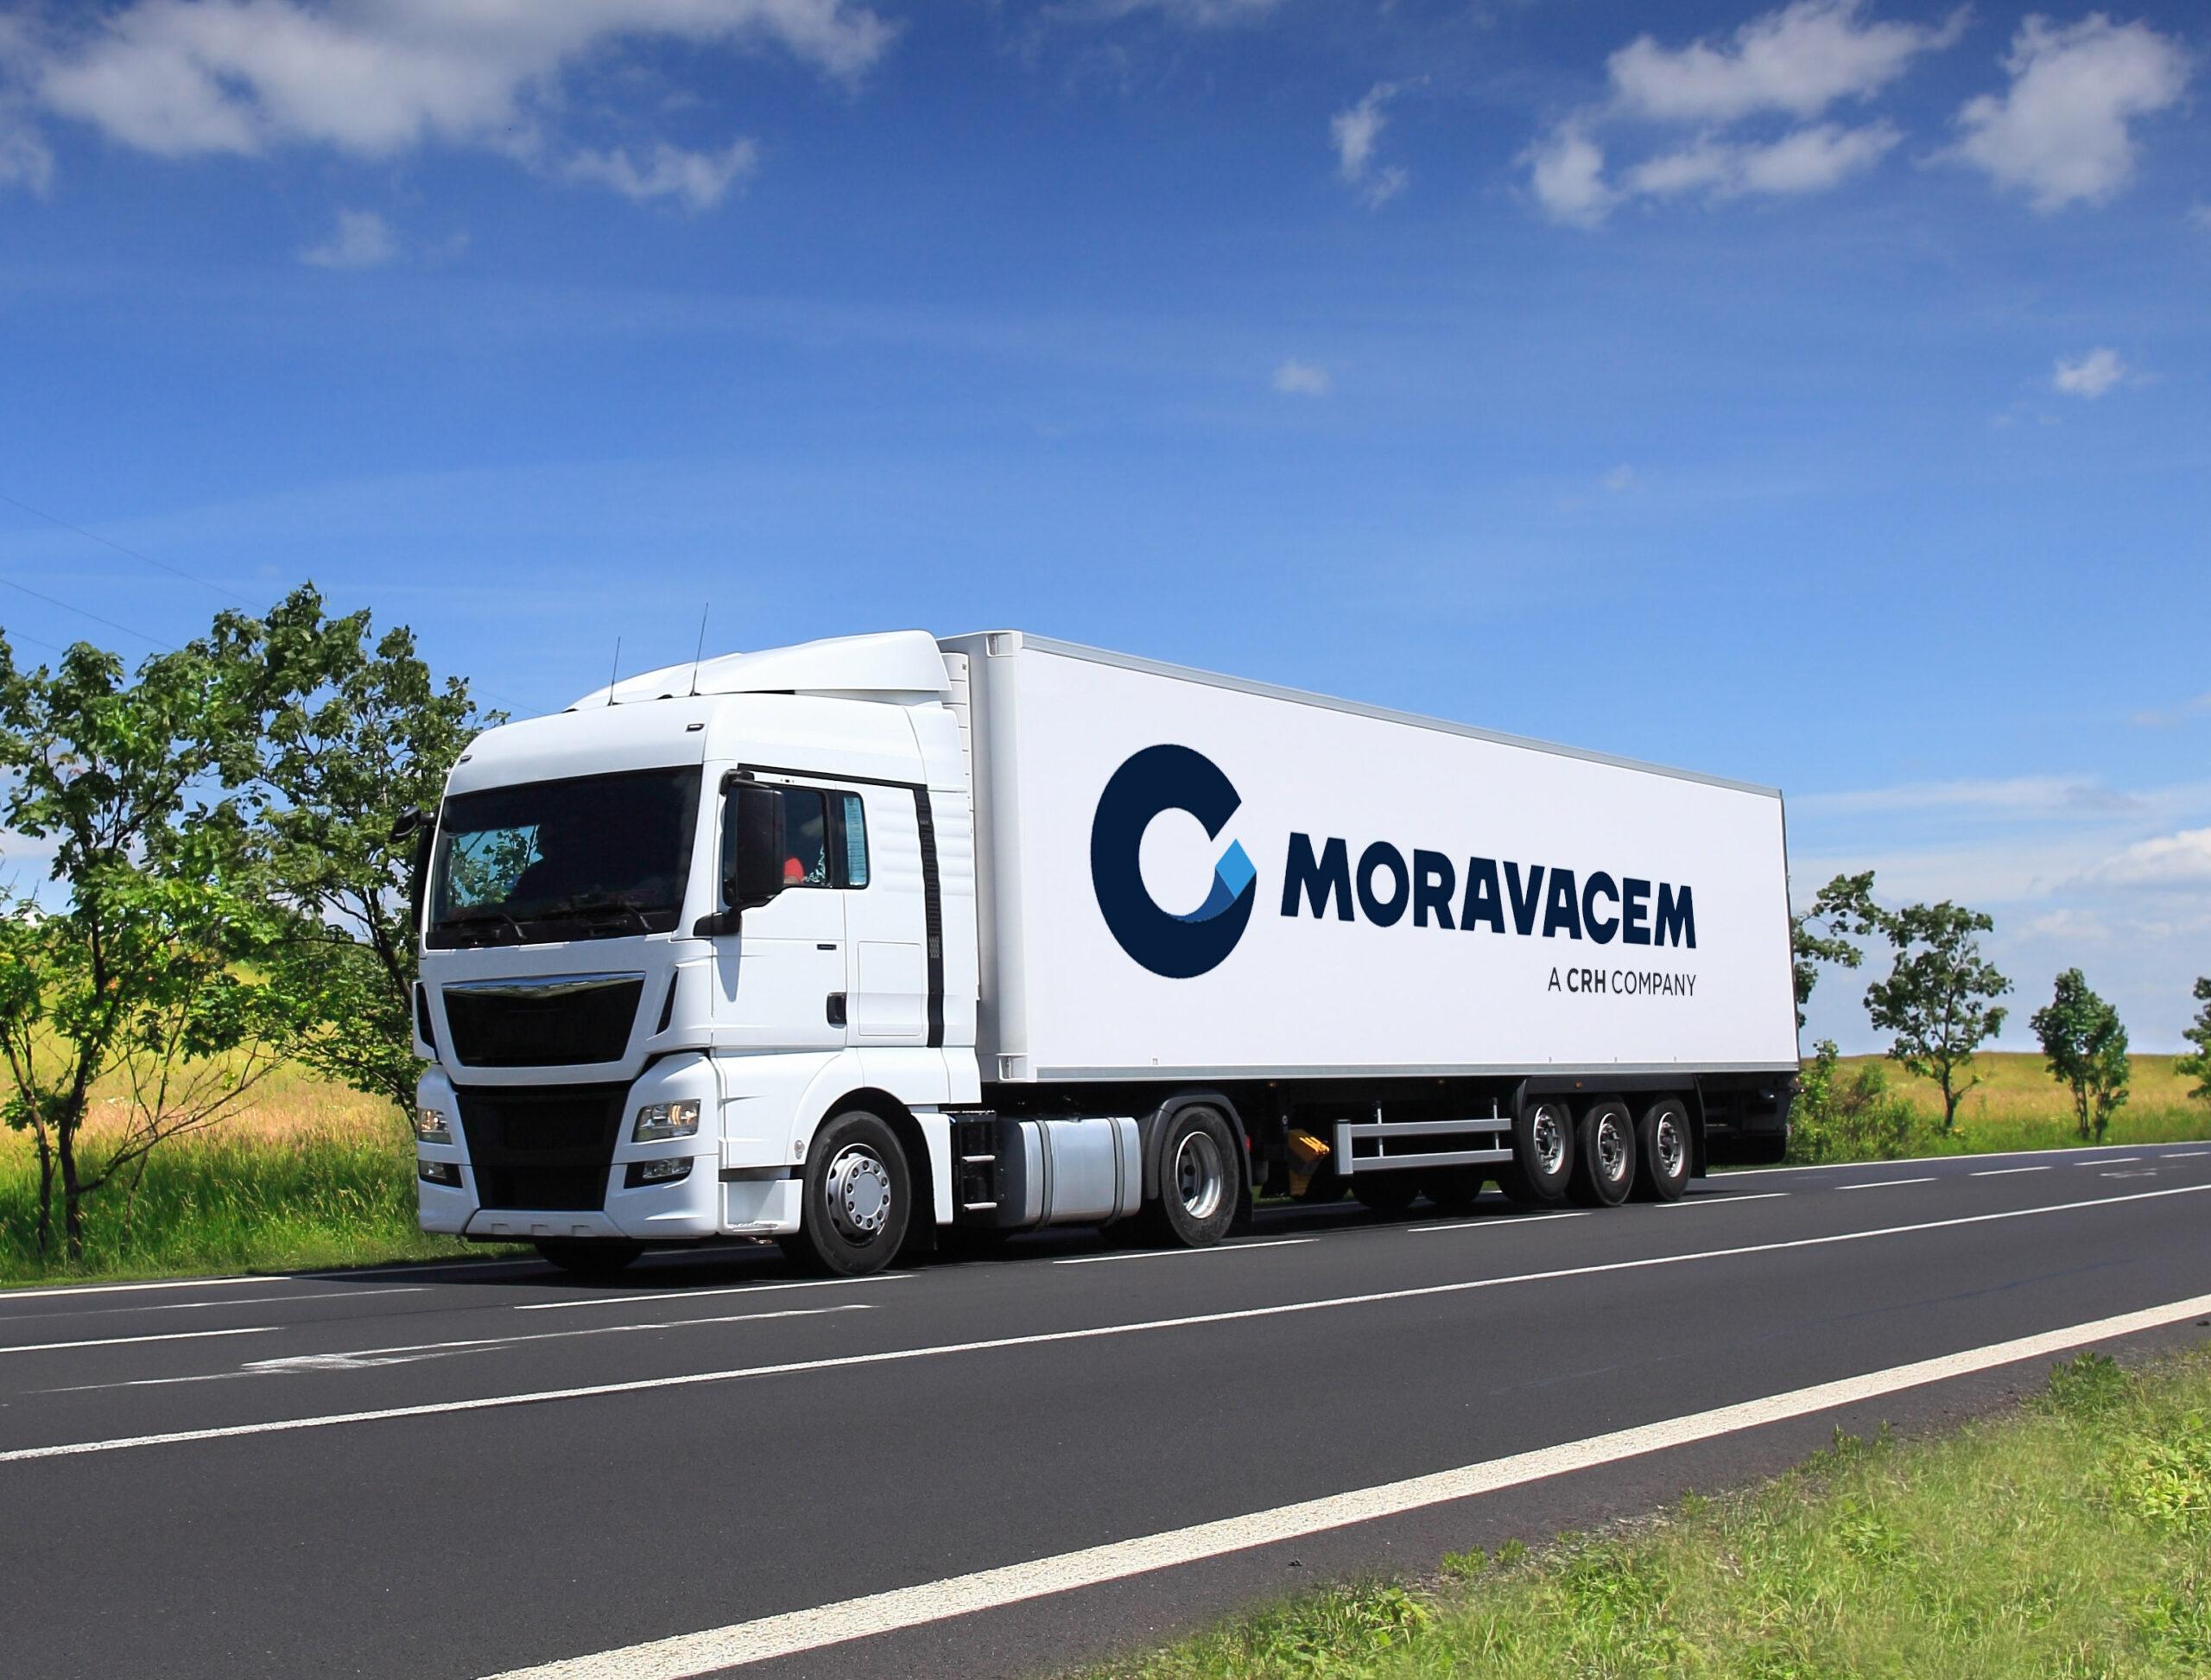 Popovačka cementara promenila ime u Moravacem